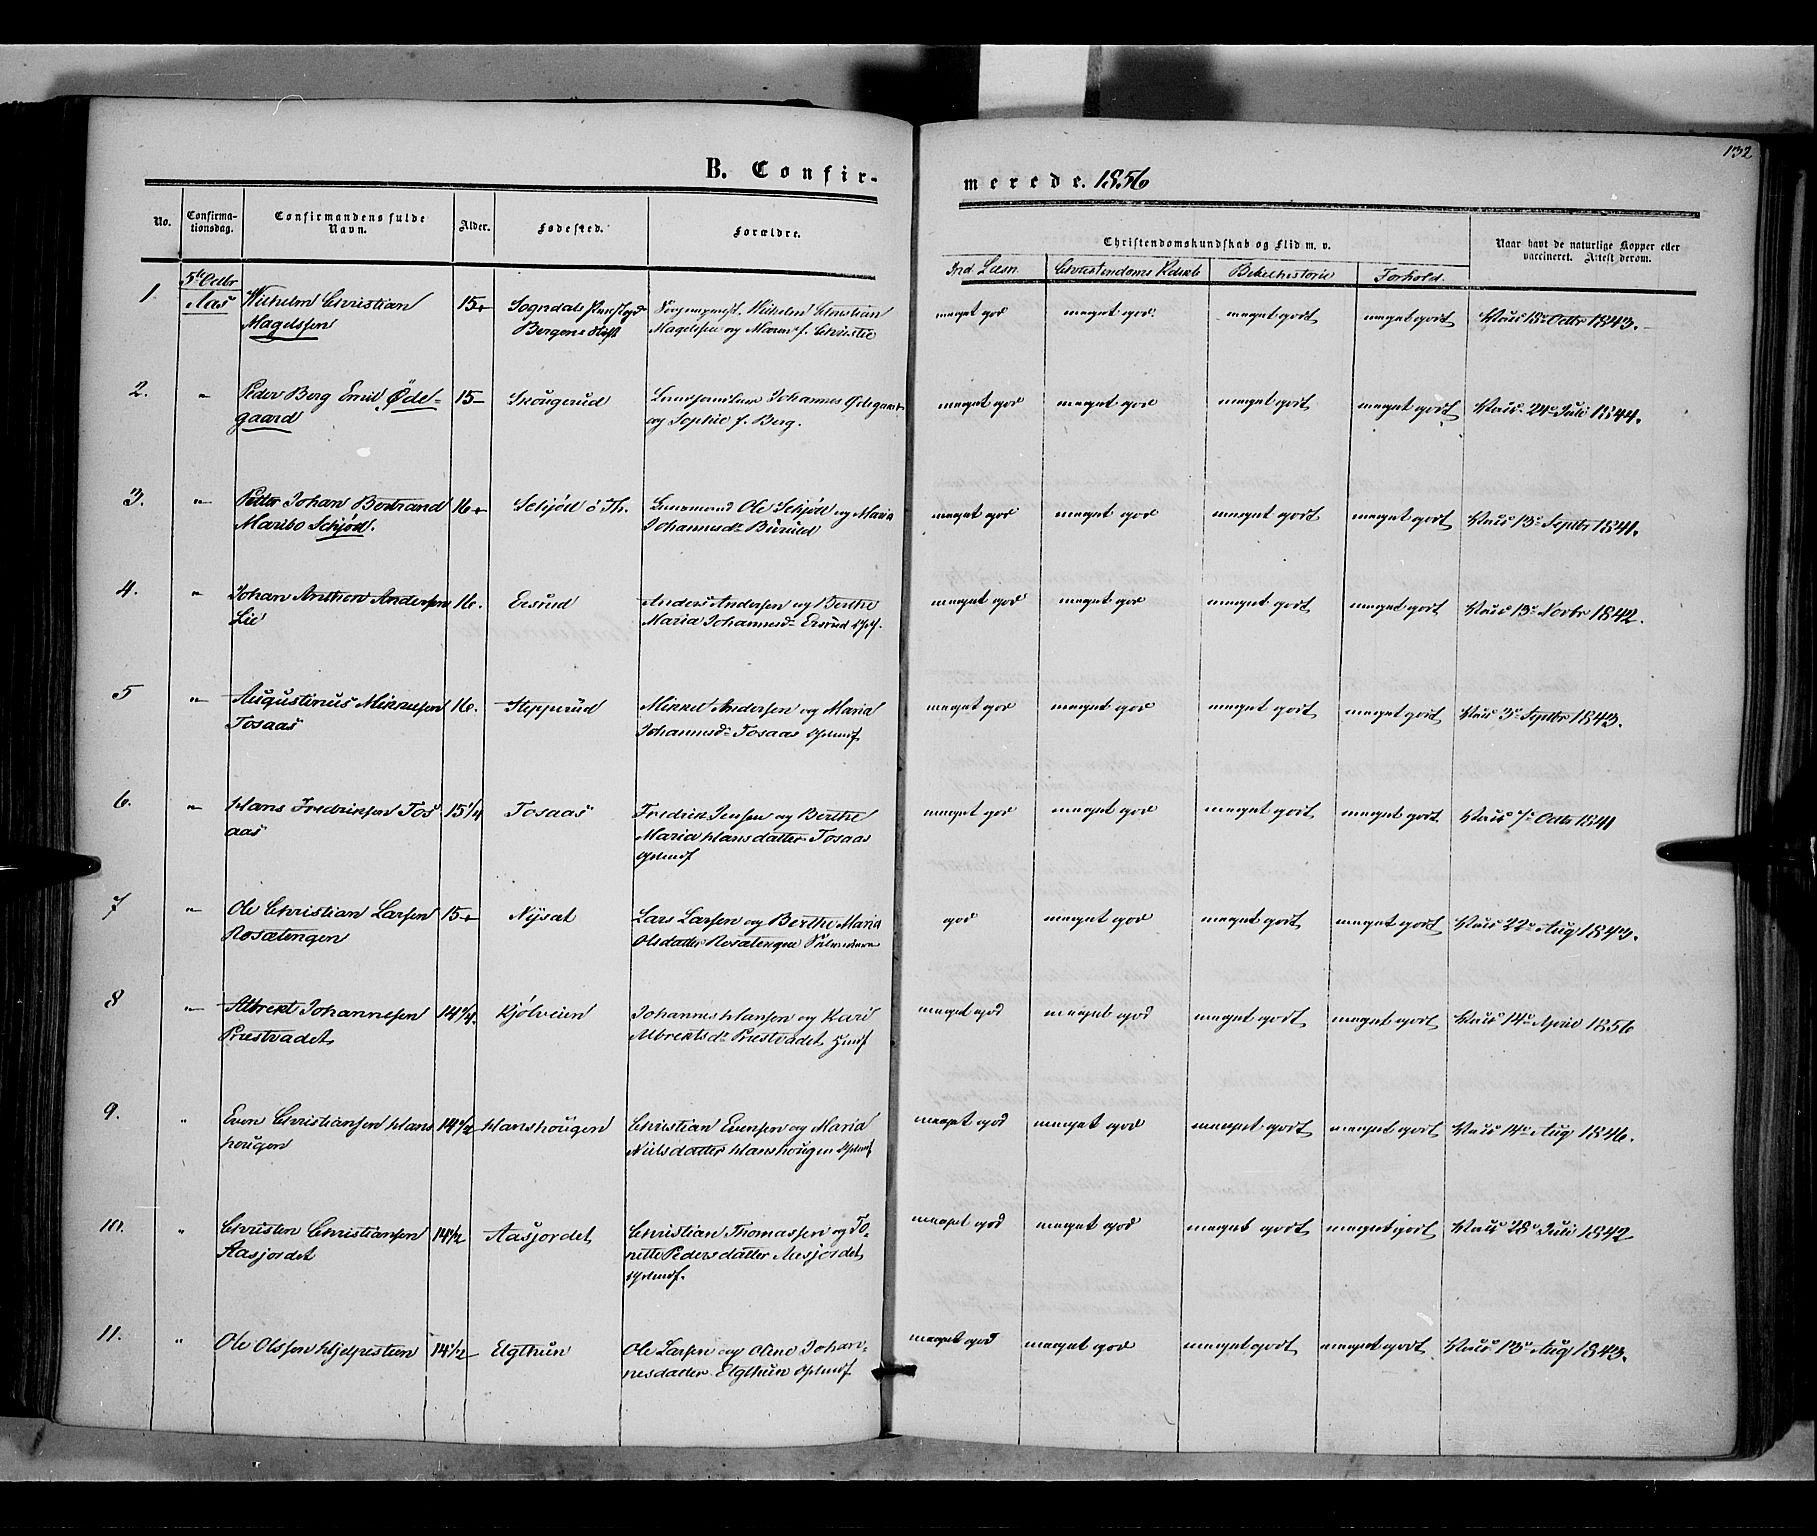 SAH, Vestre Toten prestekontor, Ministerialbok nr. 6, 1856-1861, s. 132